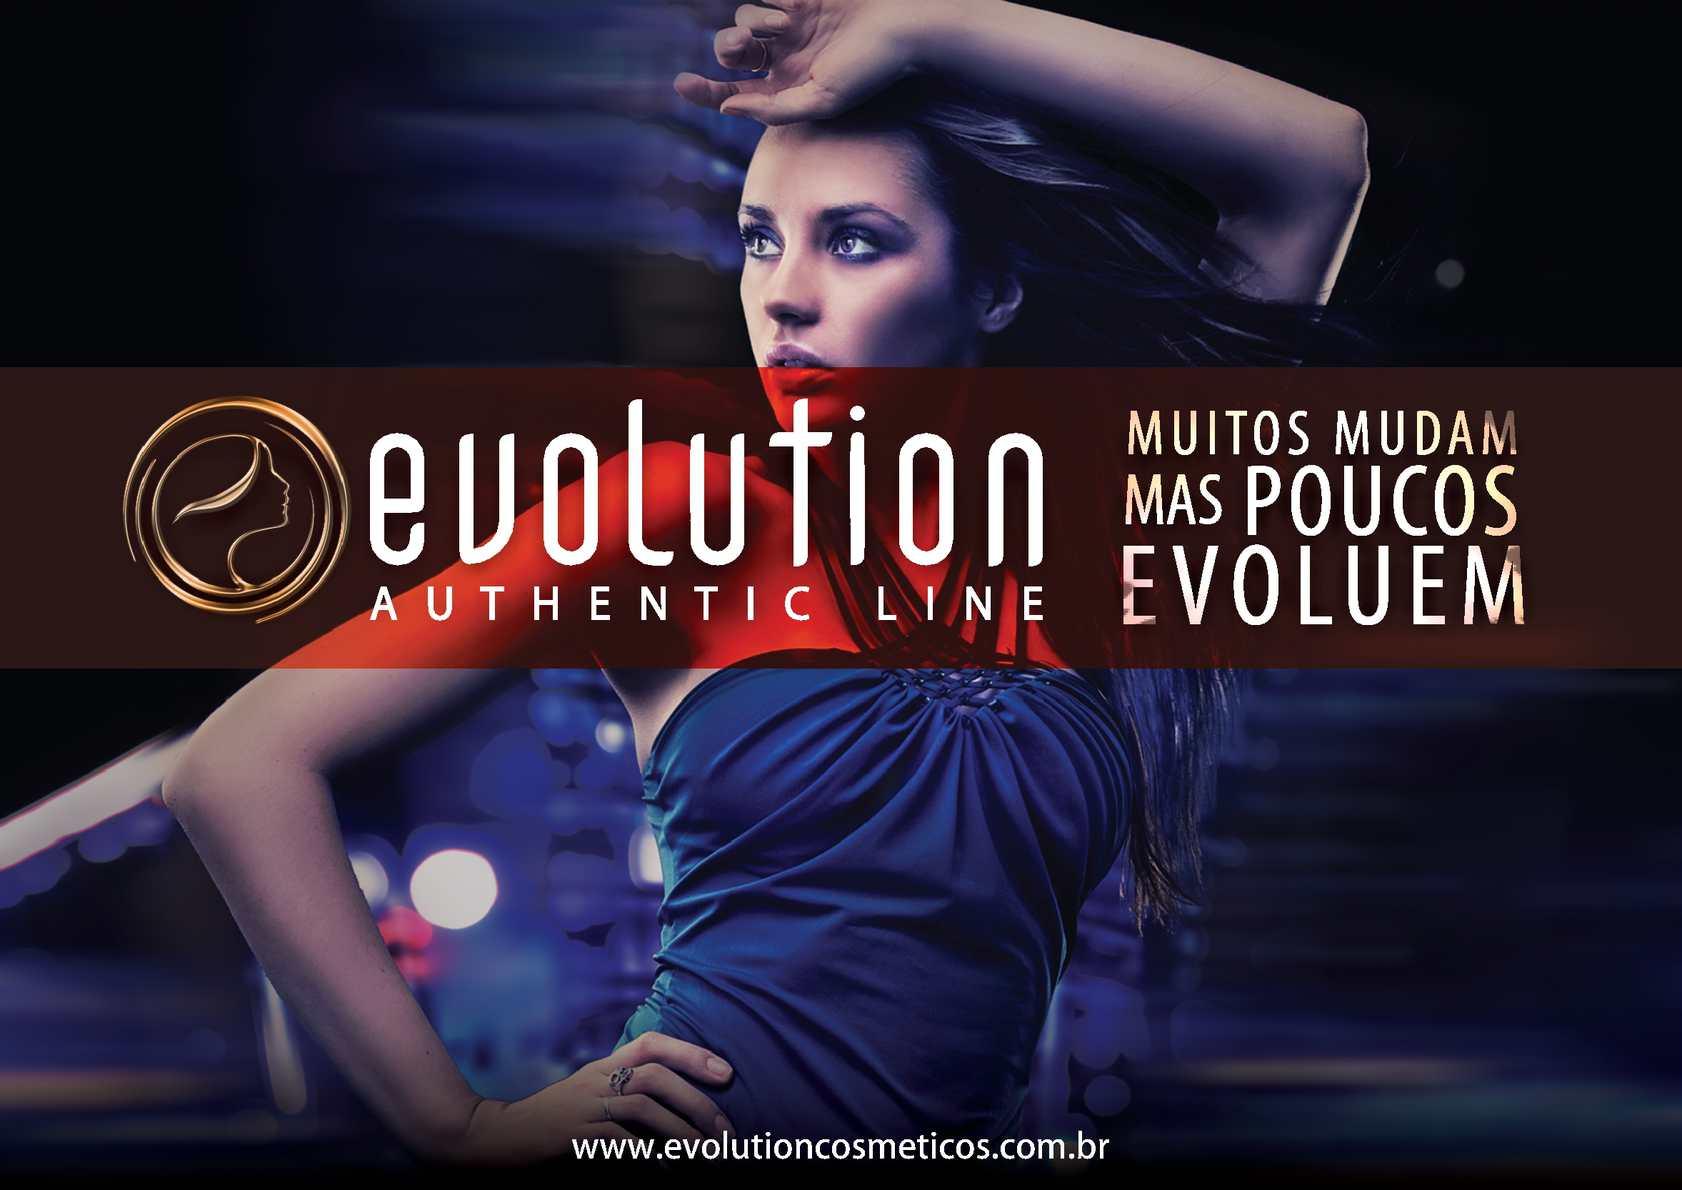 EVOLUTION AUTHENTIC LINE | CATÁLOGO 2014